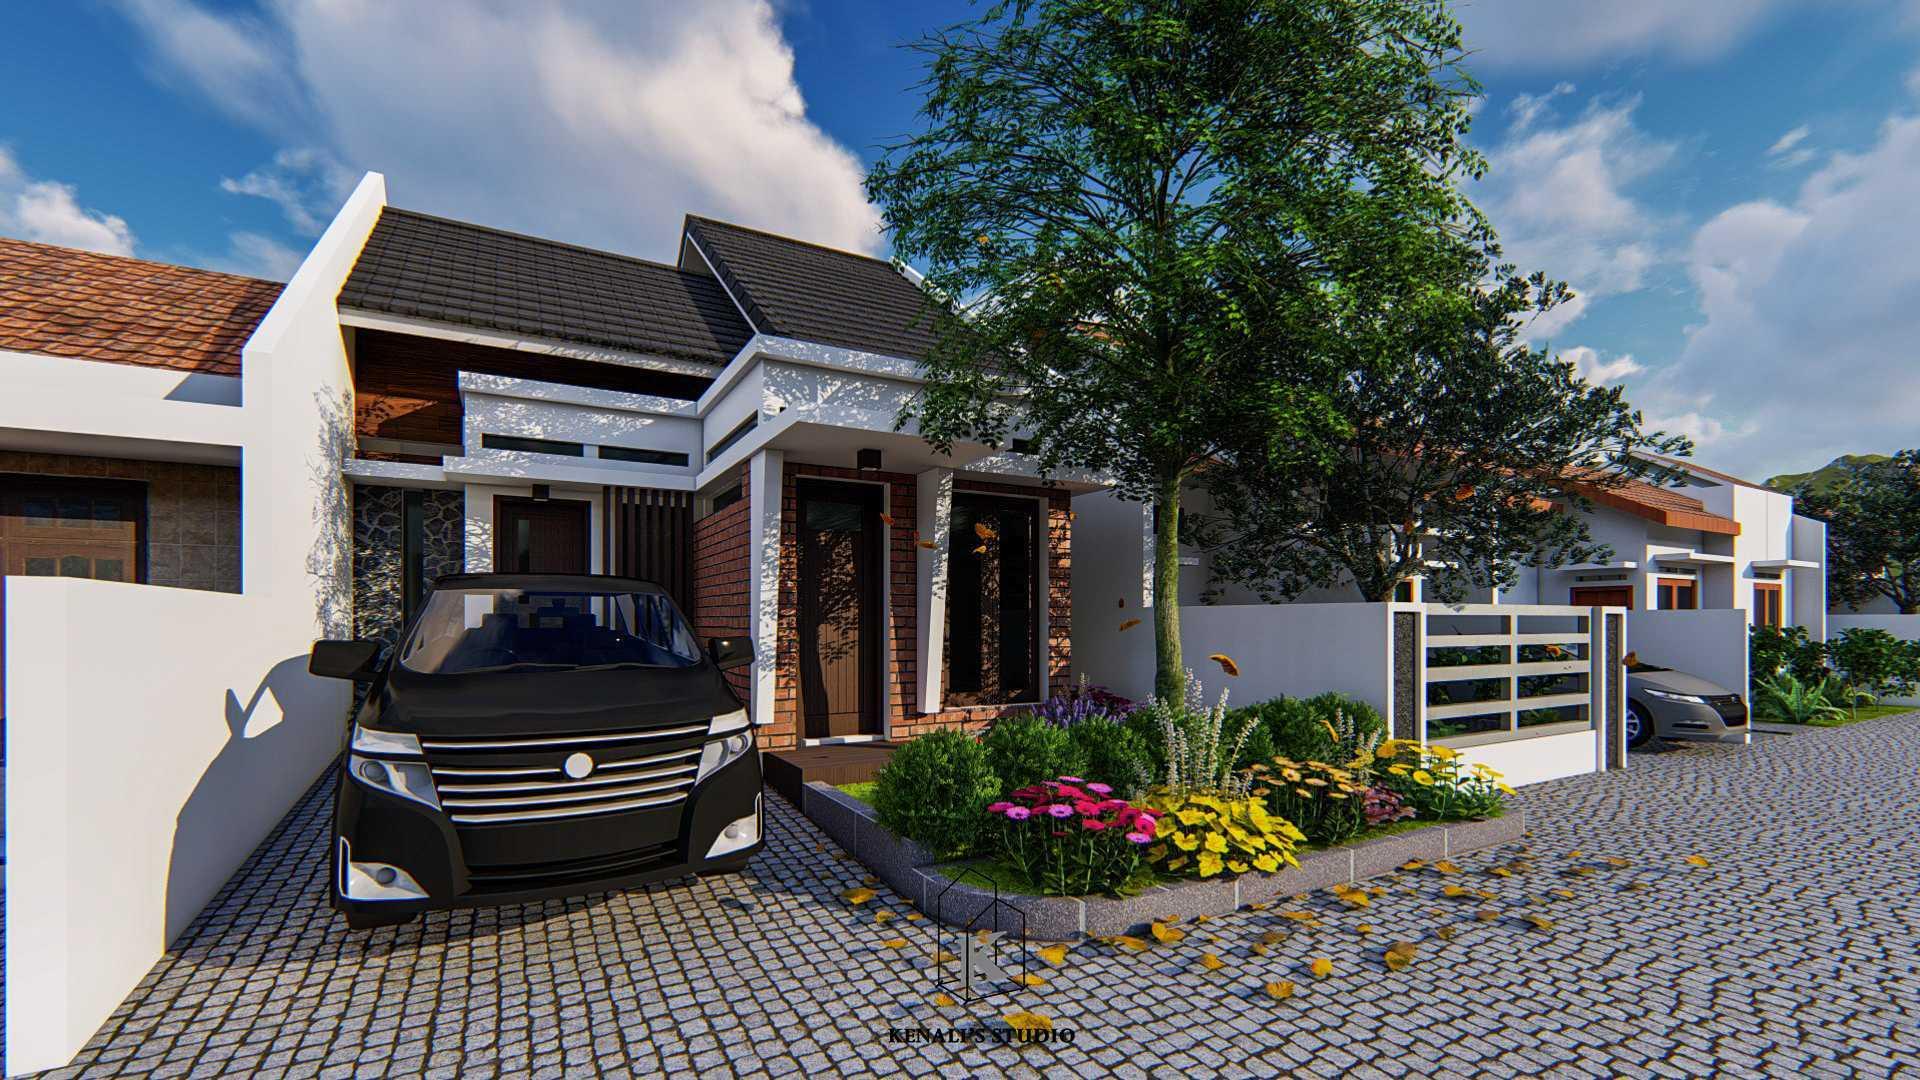 """Kenali's Studio """"folksy"""" Dh - House Kabupaten Demak, Jawa Tengah, Indonesia Kabupaten Demak, Jawa Tengah, Indonesia Kenalis-Studio-Folksy-Dh-House  66952"""